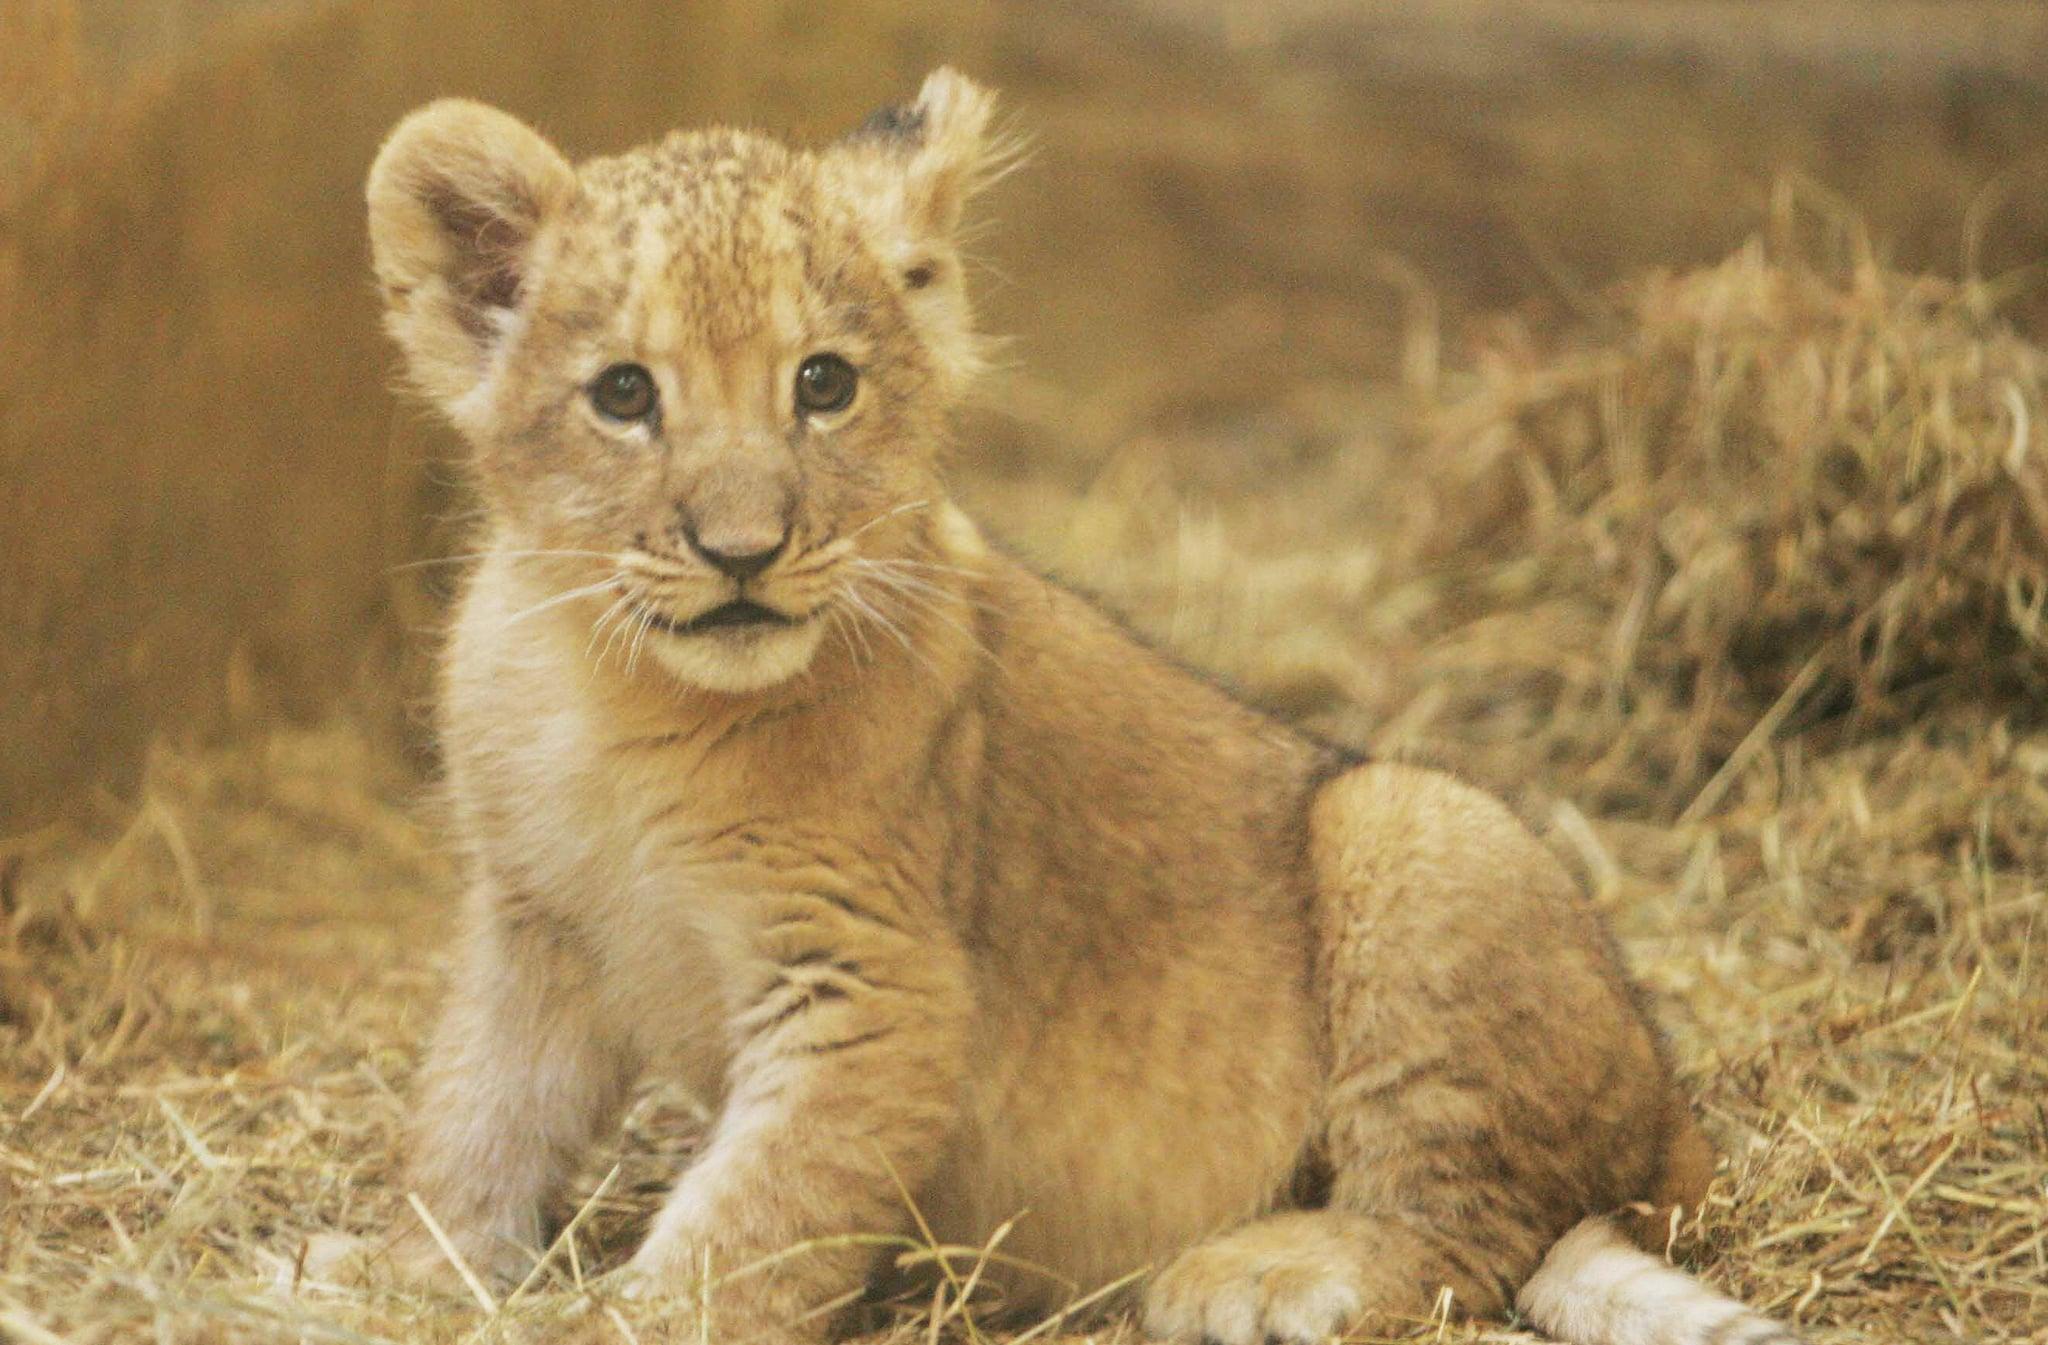 Baby Lion's Got No Name, So Let's Call Him Cute | POPSUGAR ...